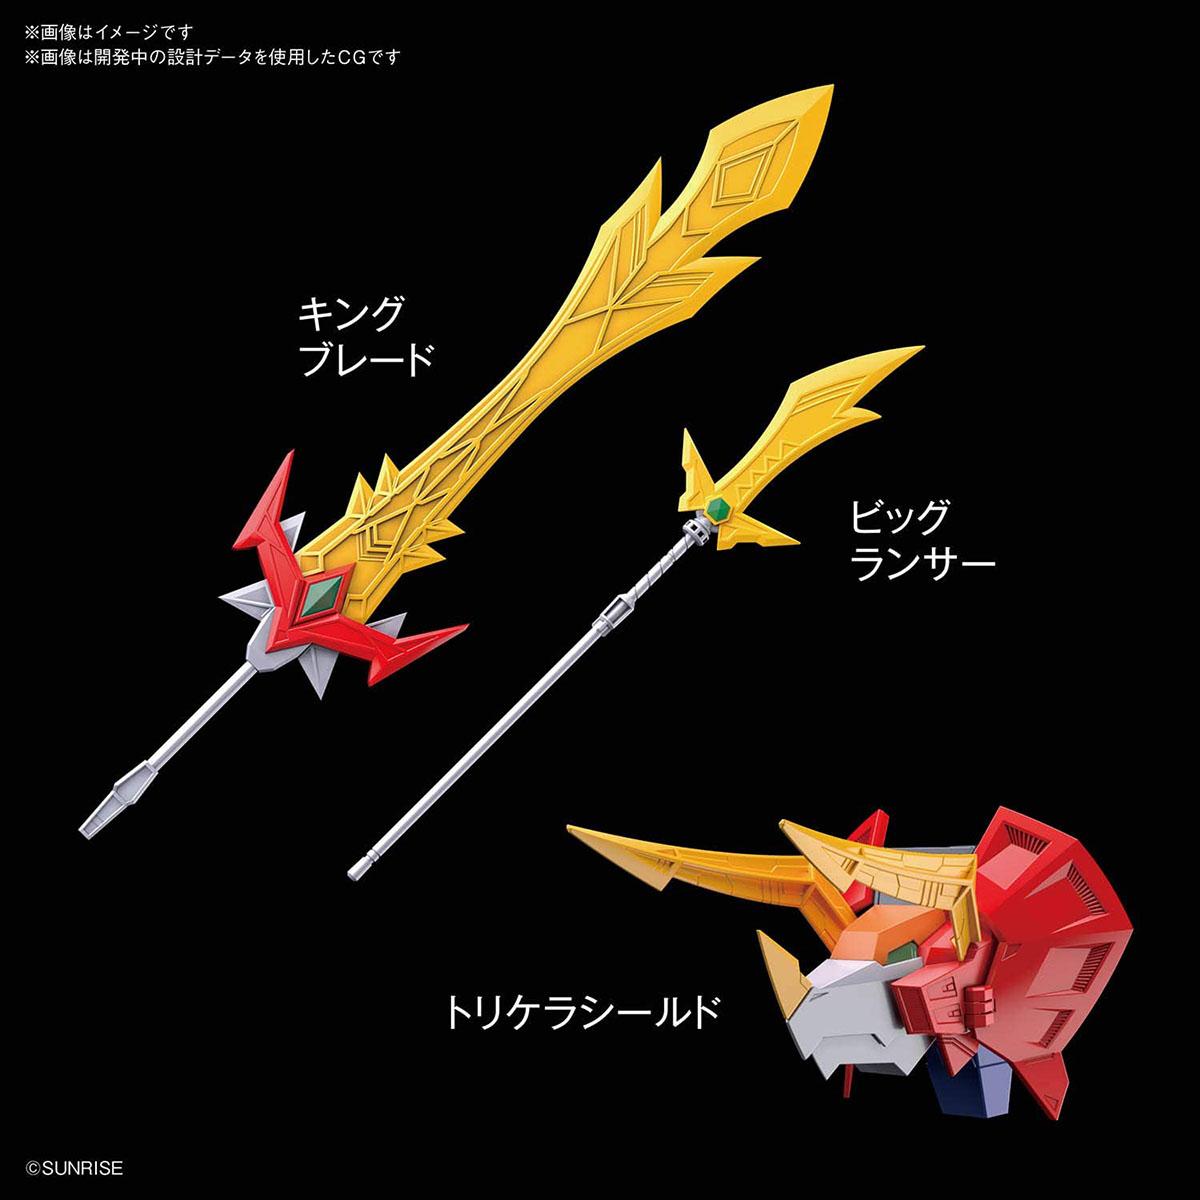 【再販】HG 1/300『グランザウラー』熱血最強ゴウザウラー プラモデル-006